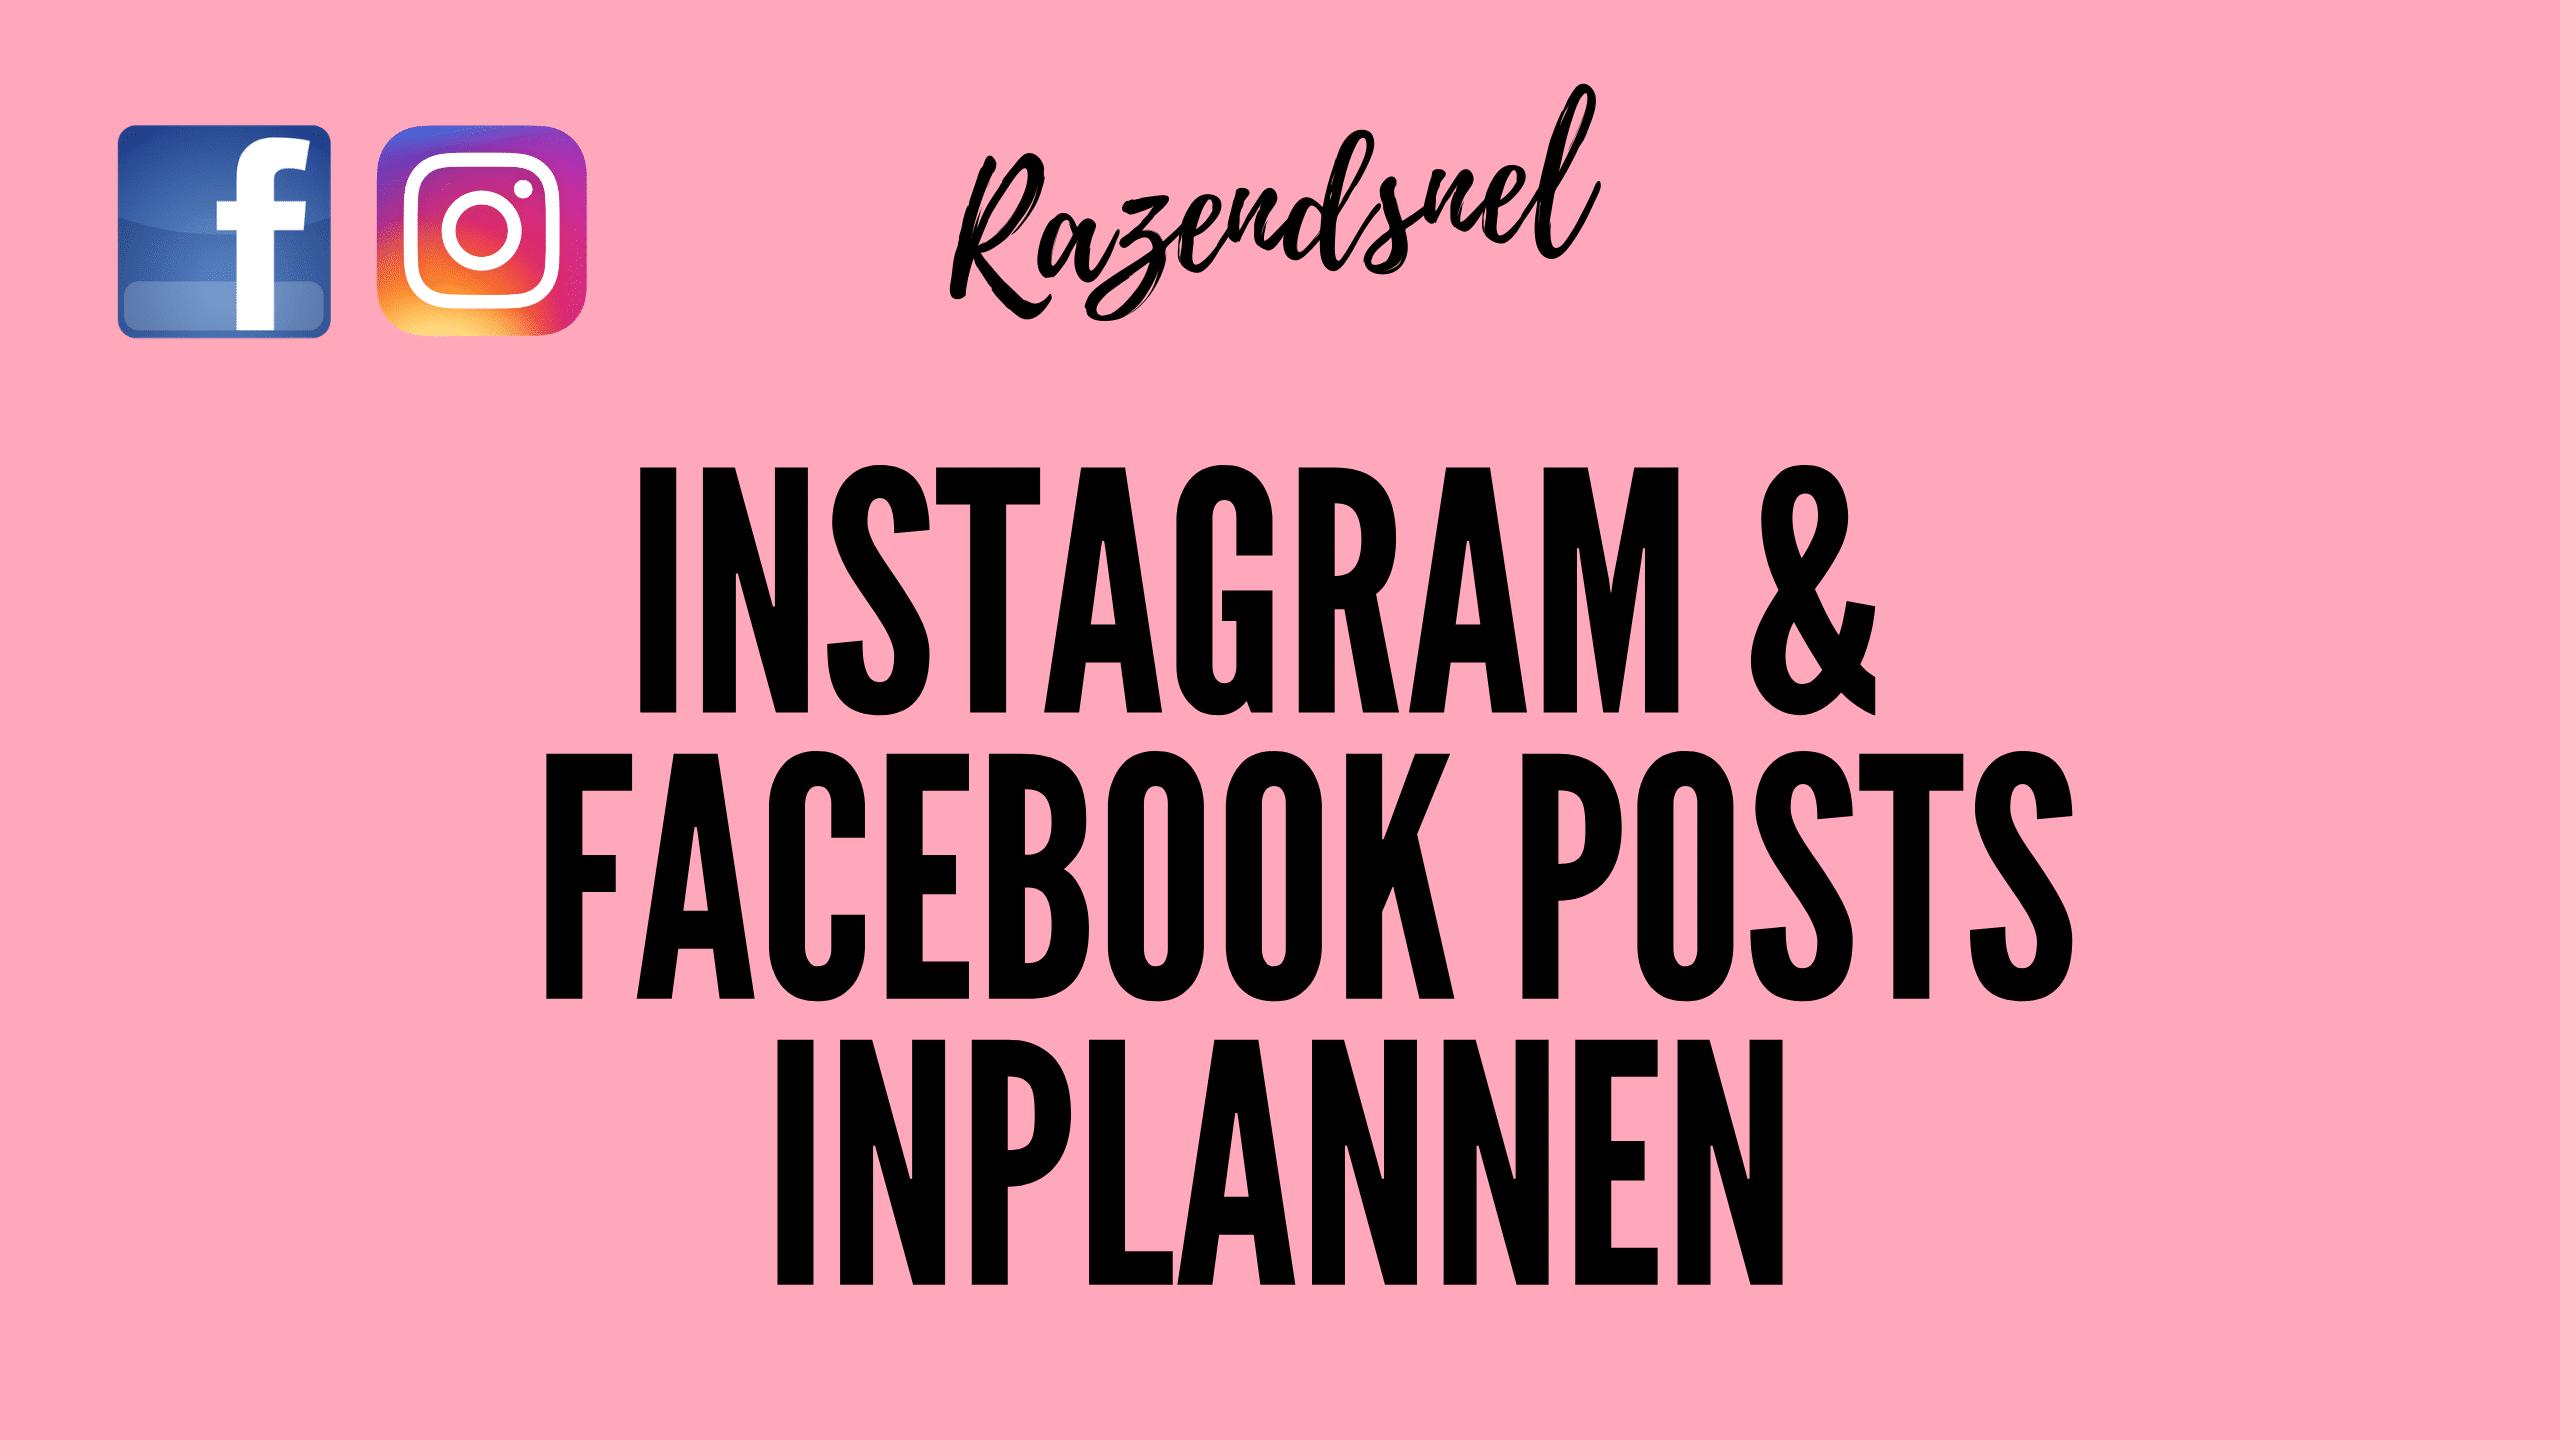 Supersnel Instagram en Facebook posts inplannen 😊